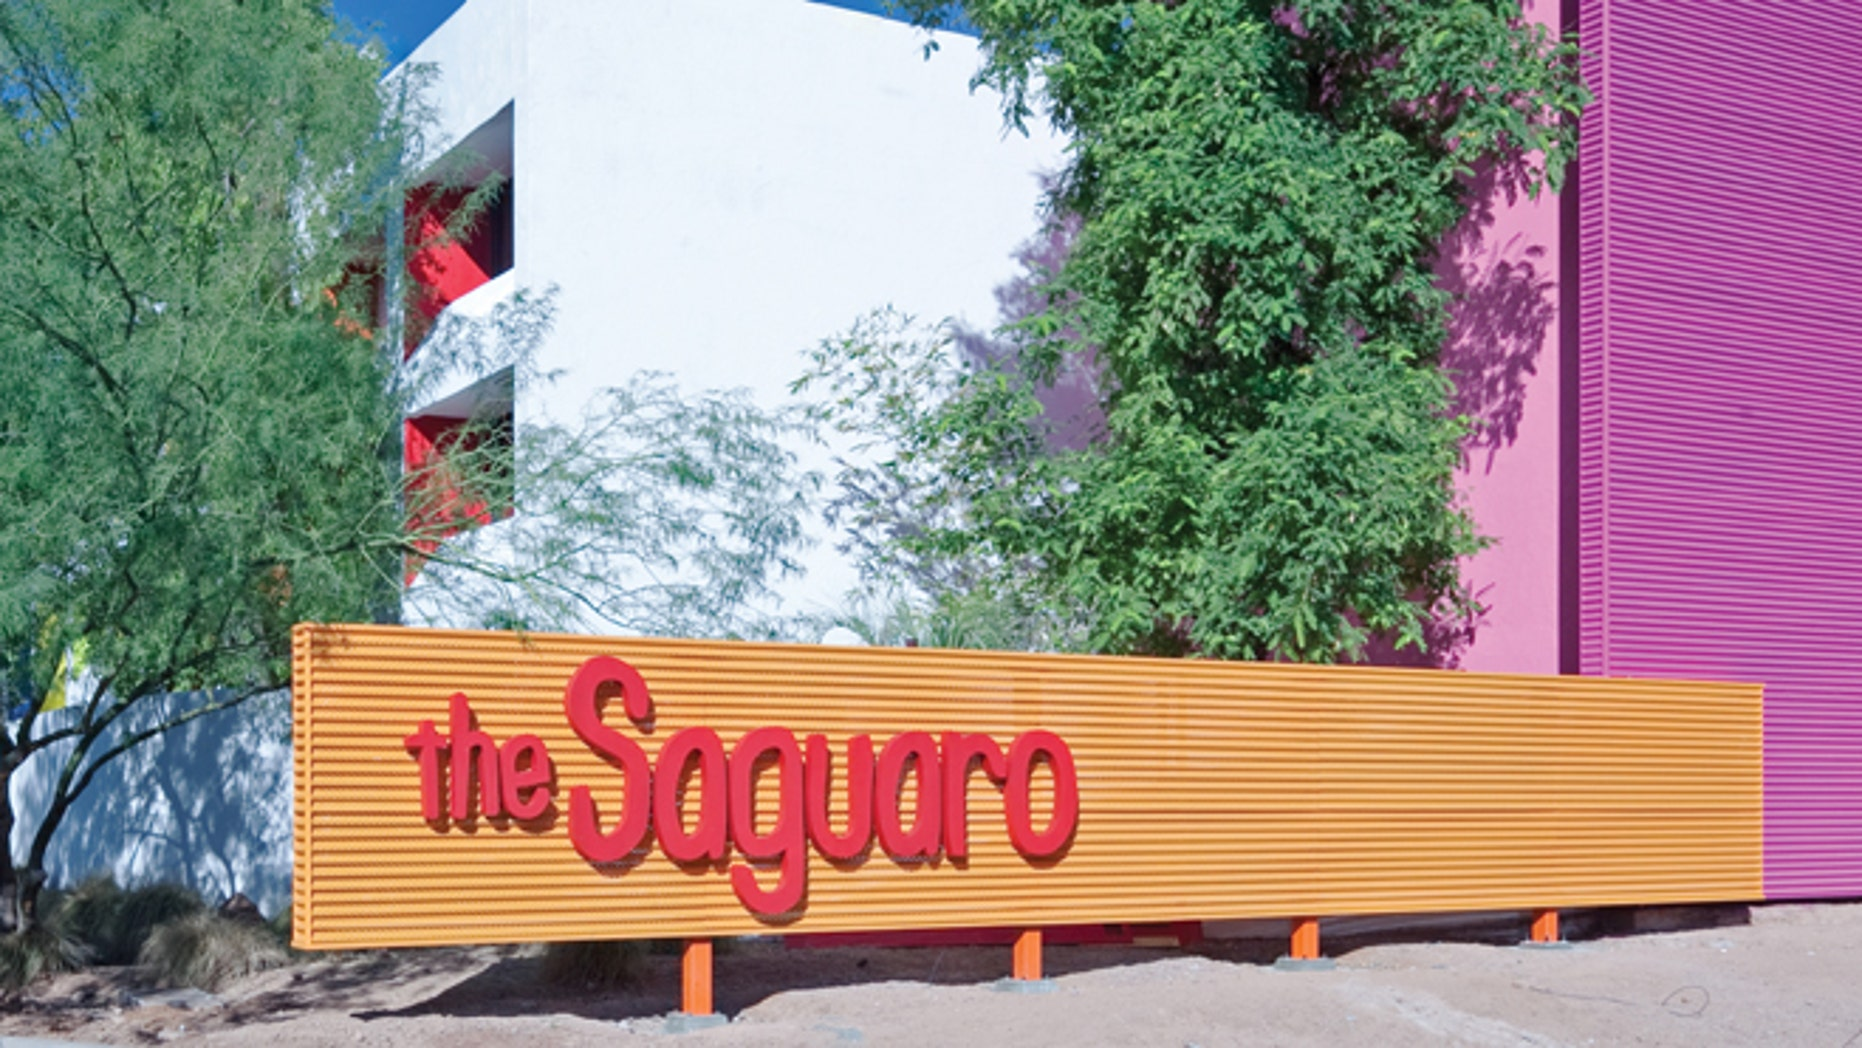 The Saguaro in Scottsdale, Ariz.